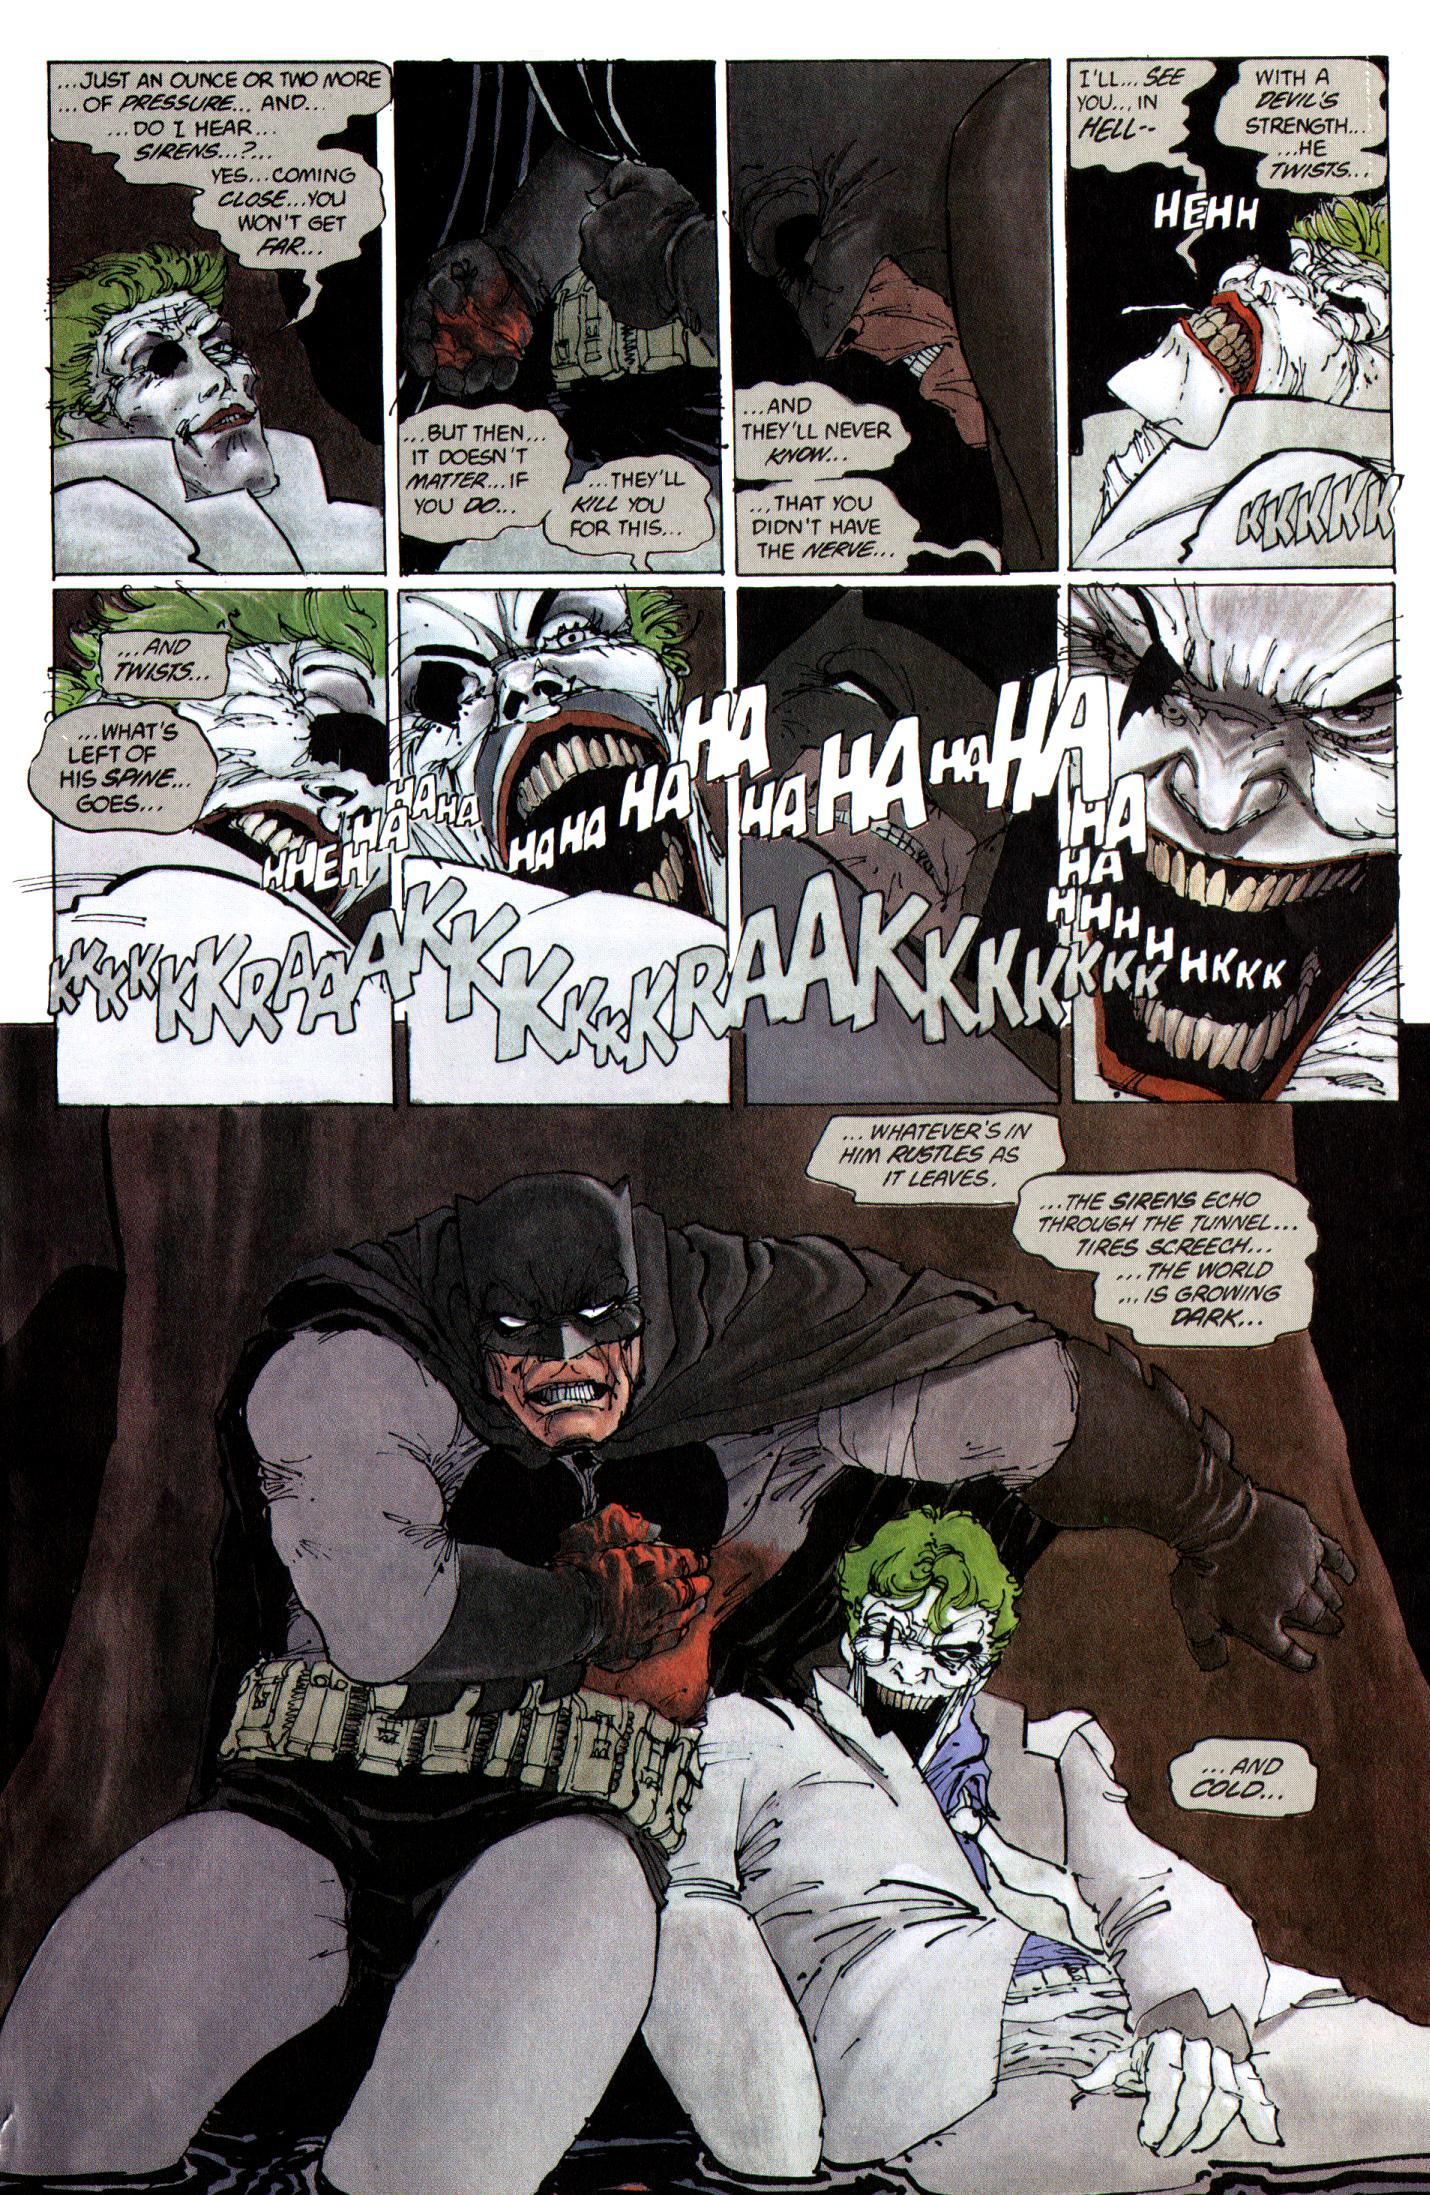 Image result for joker death scene dark knight returns